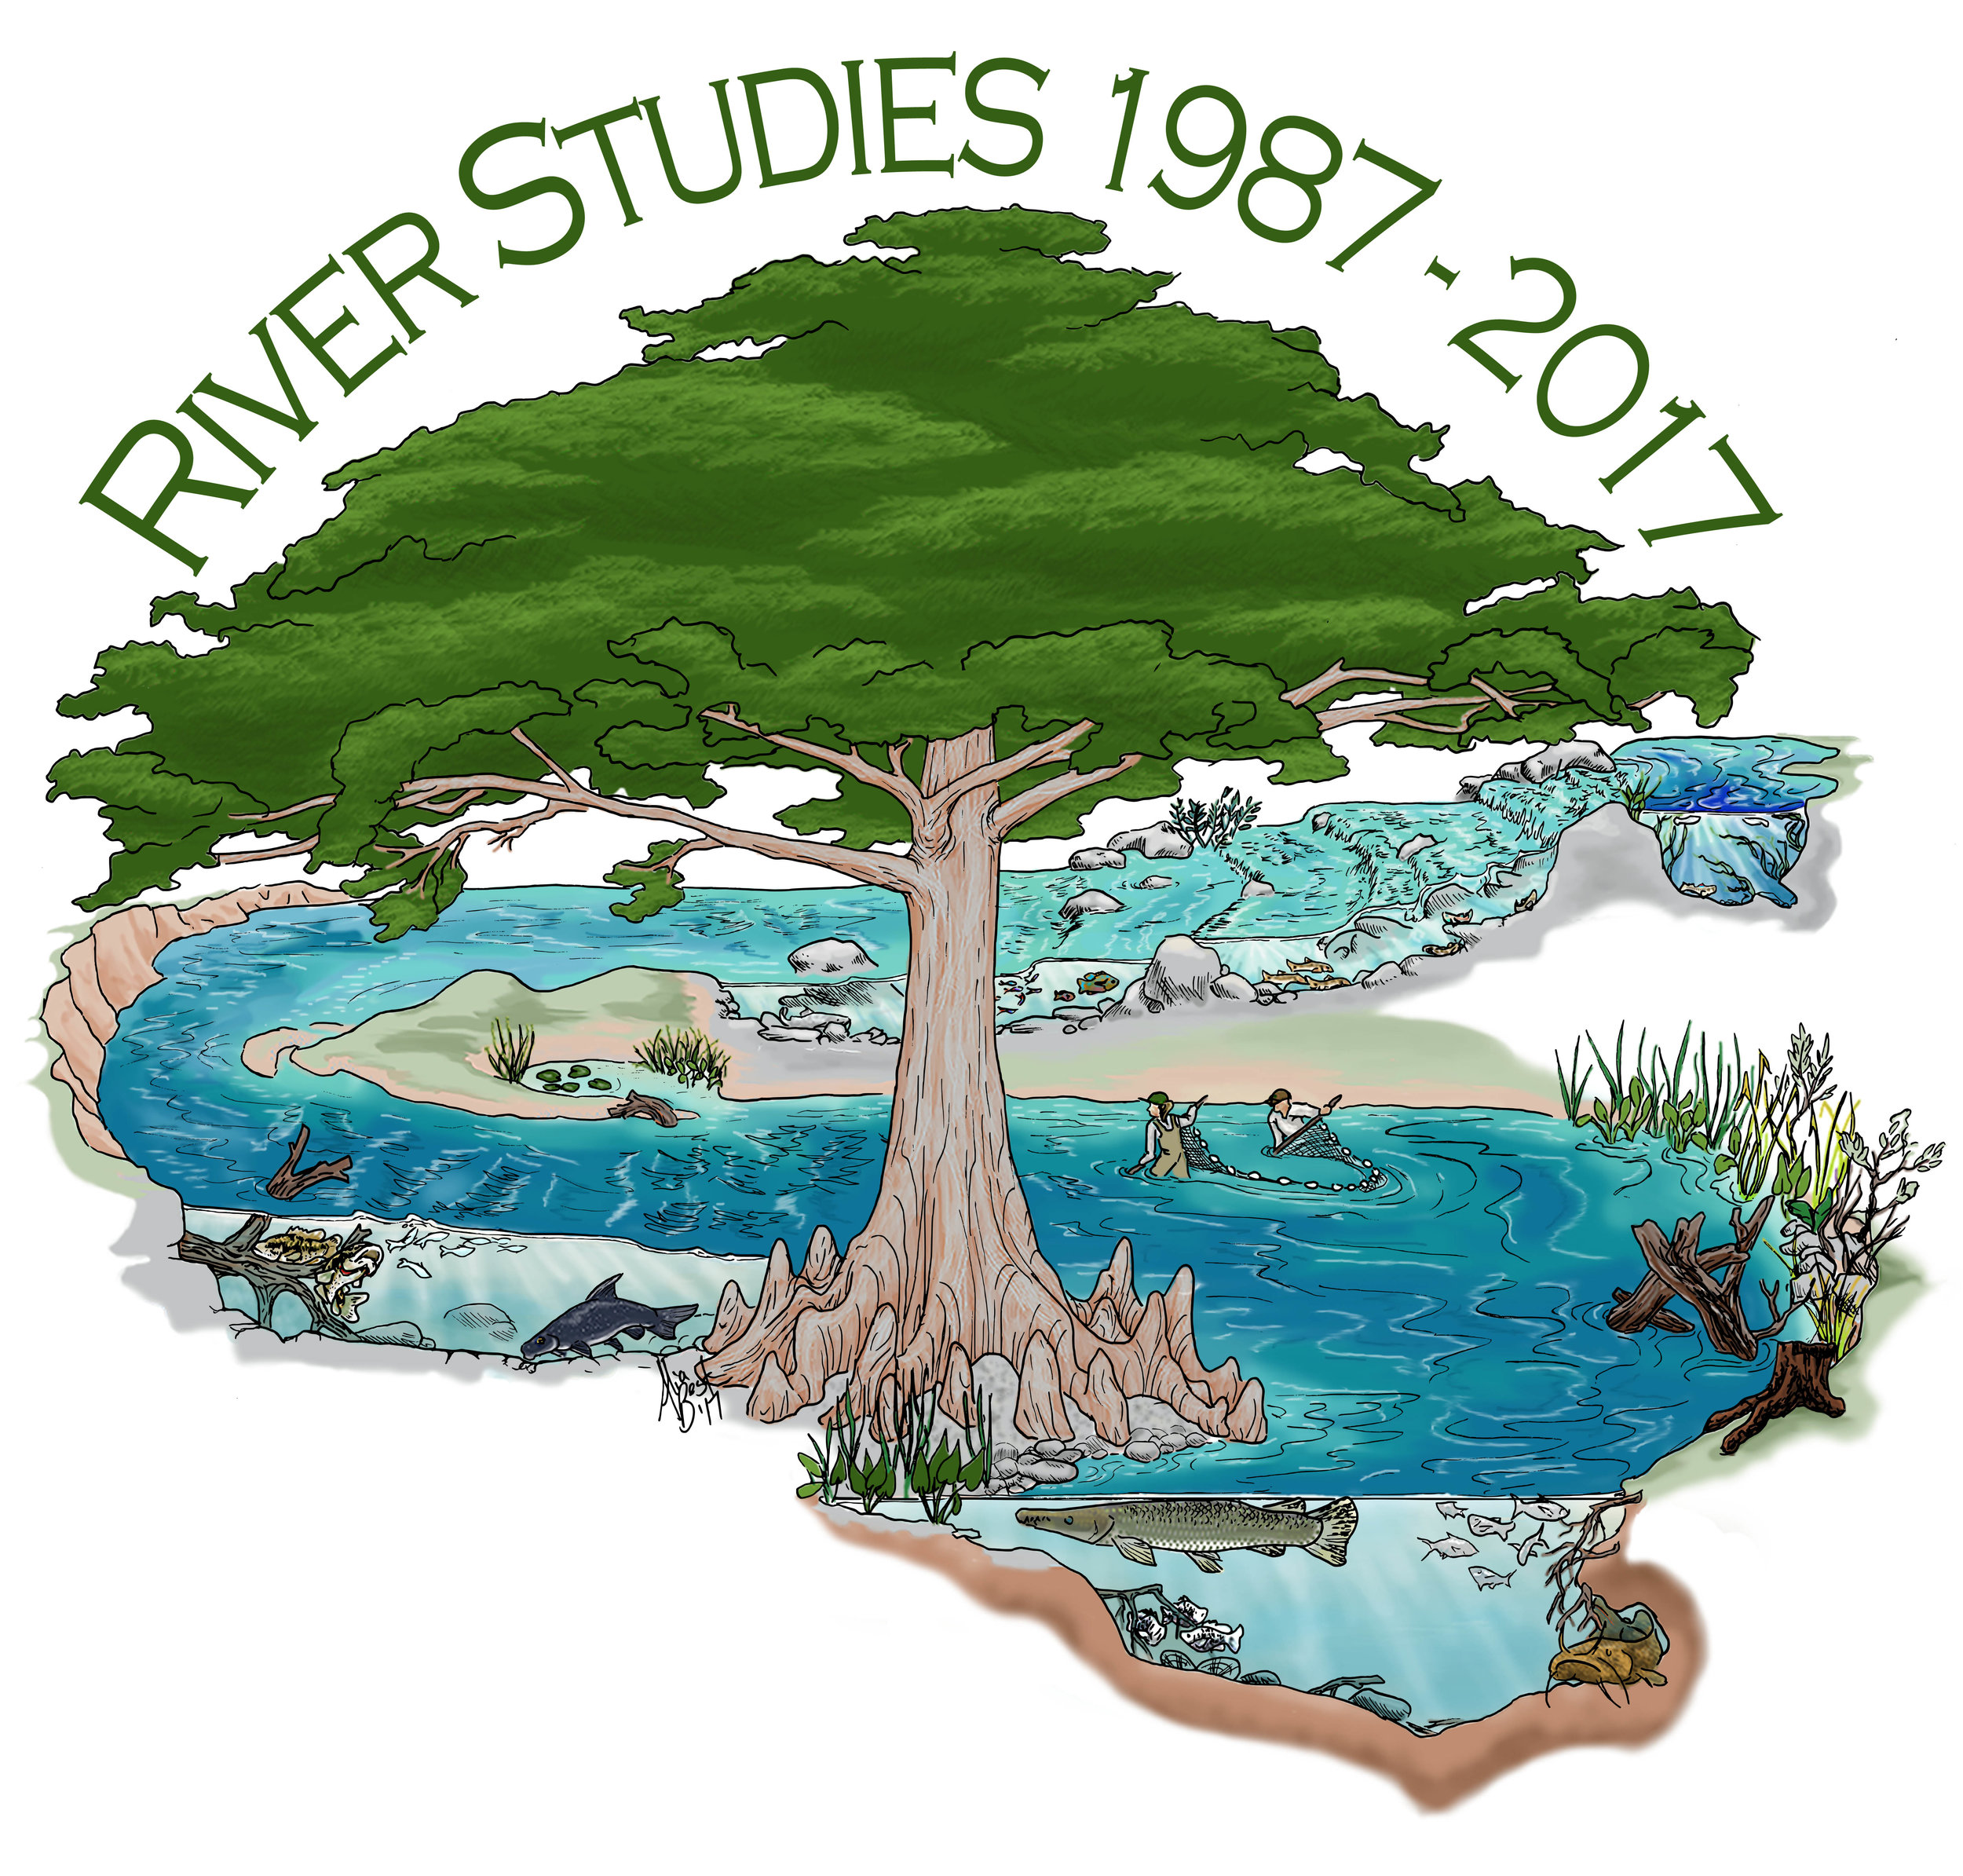 30 Years of River Studies